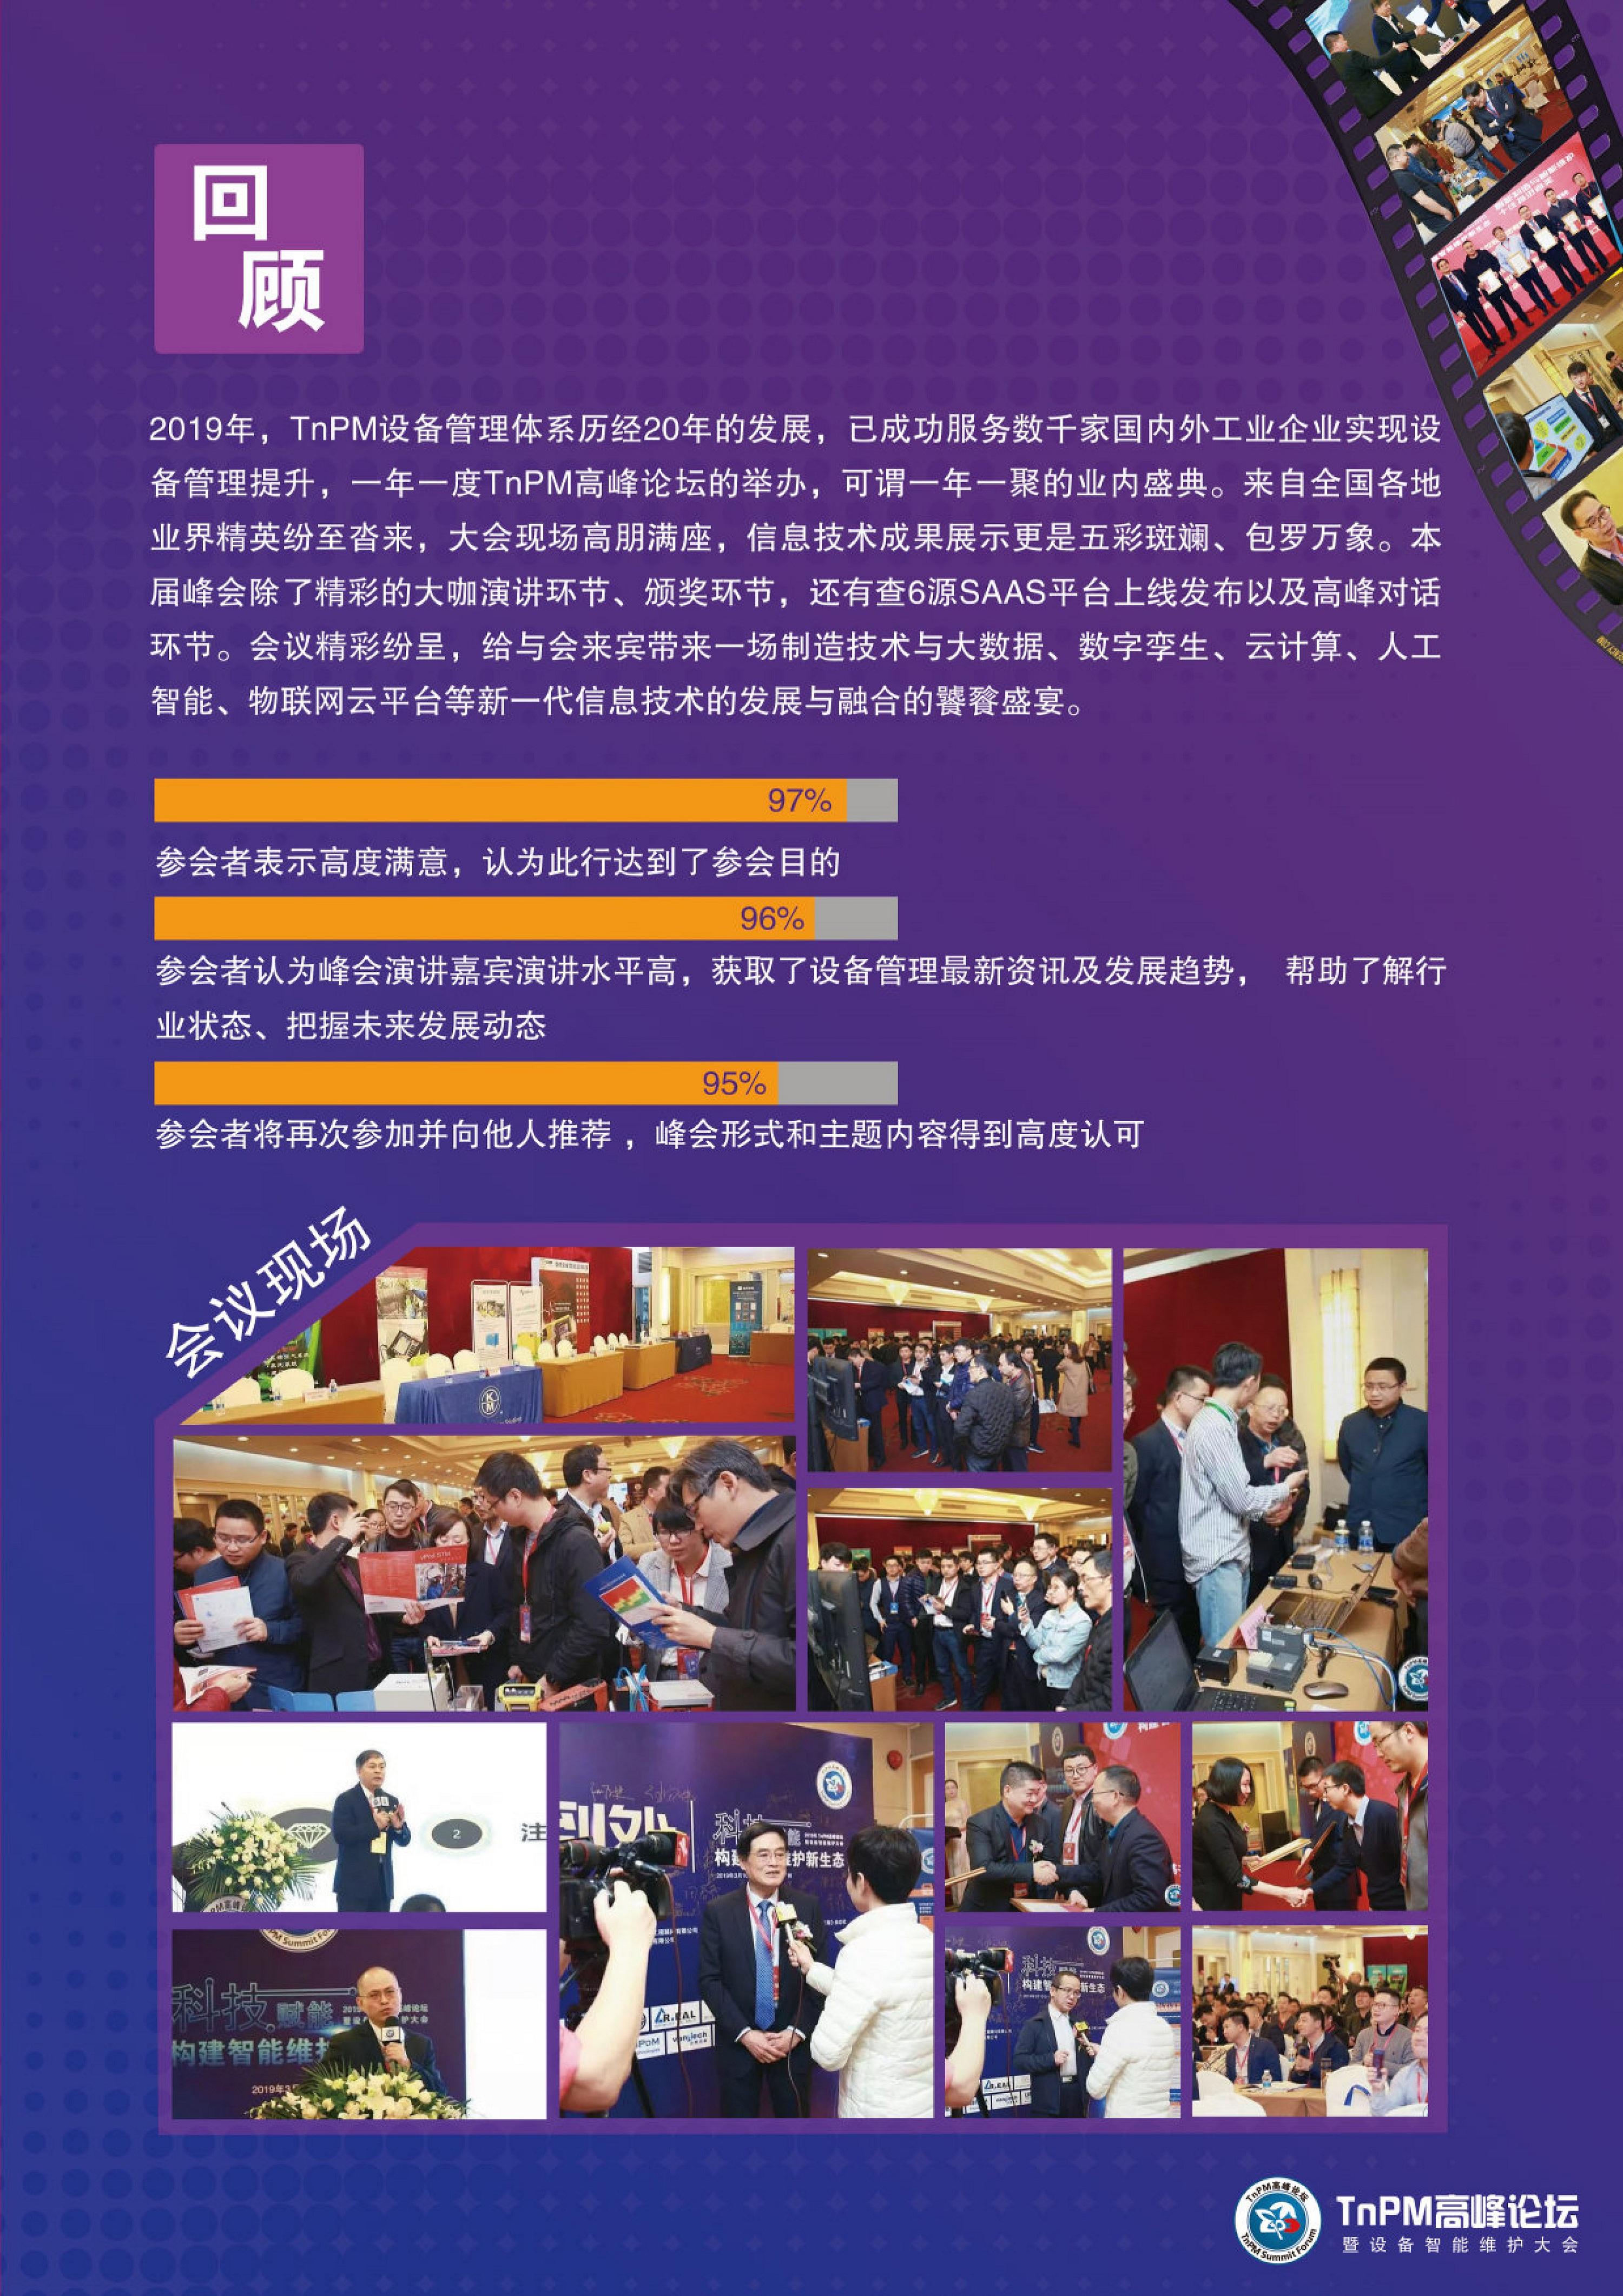 2020年TnPM高峰论坛暨设备智能维护大会(广州)